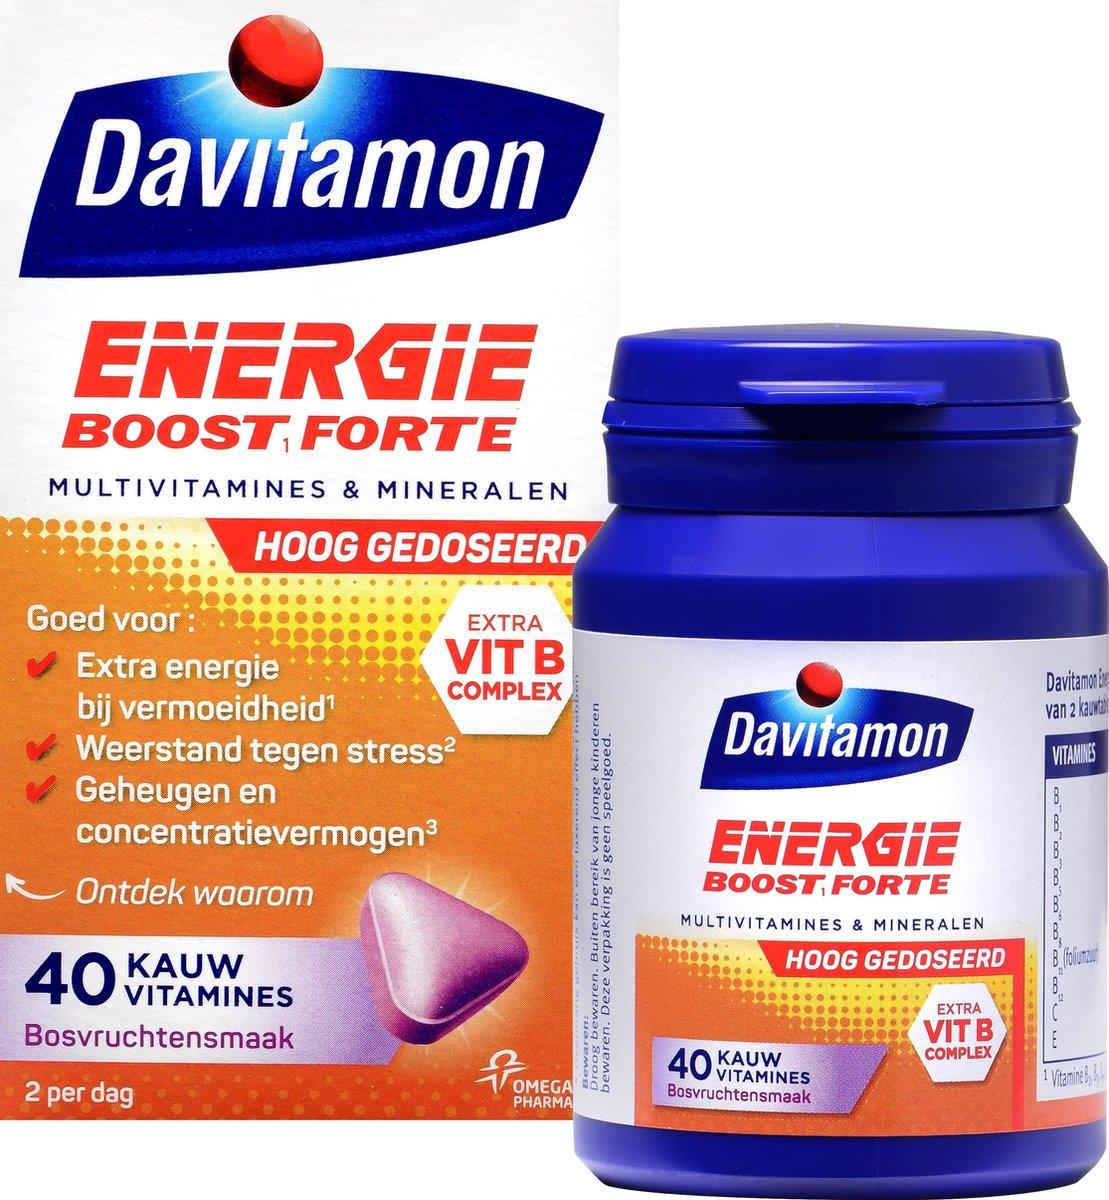 Davitamon Energie Boost Forte - multivitamine - bosvruchten - 40 tabletten